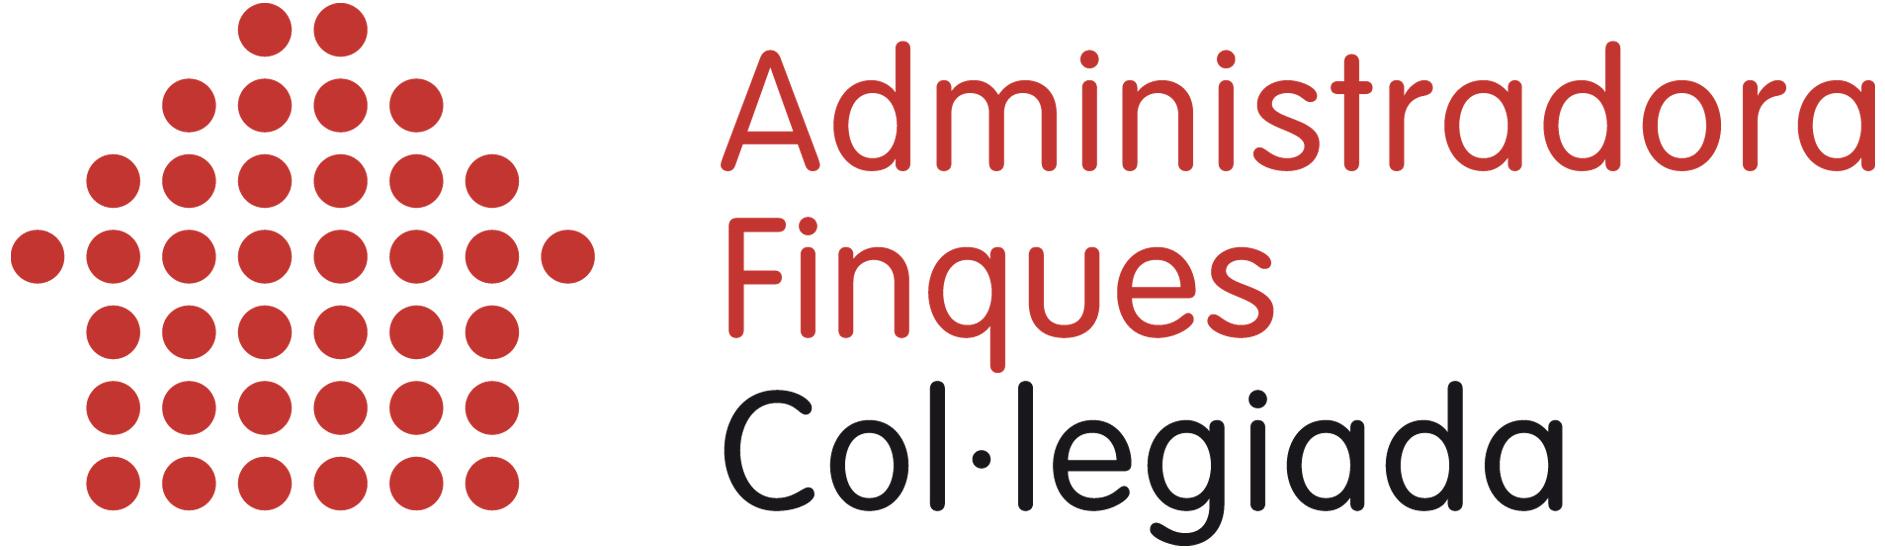 asociados-administradora-finques-colegiada-advocats-tortajada-sabadell